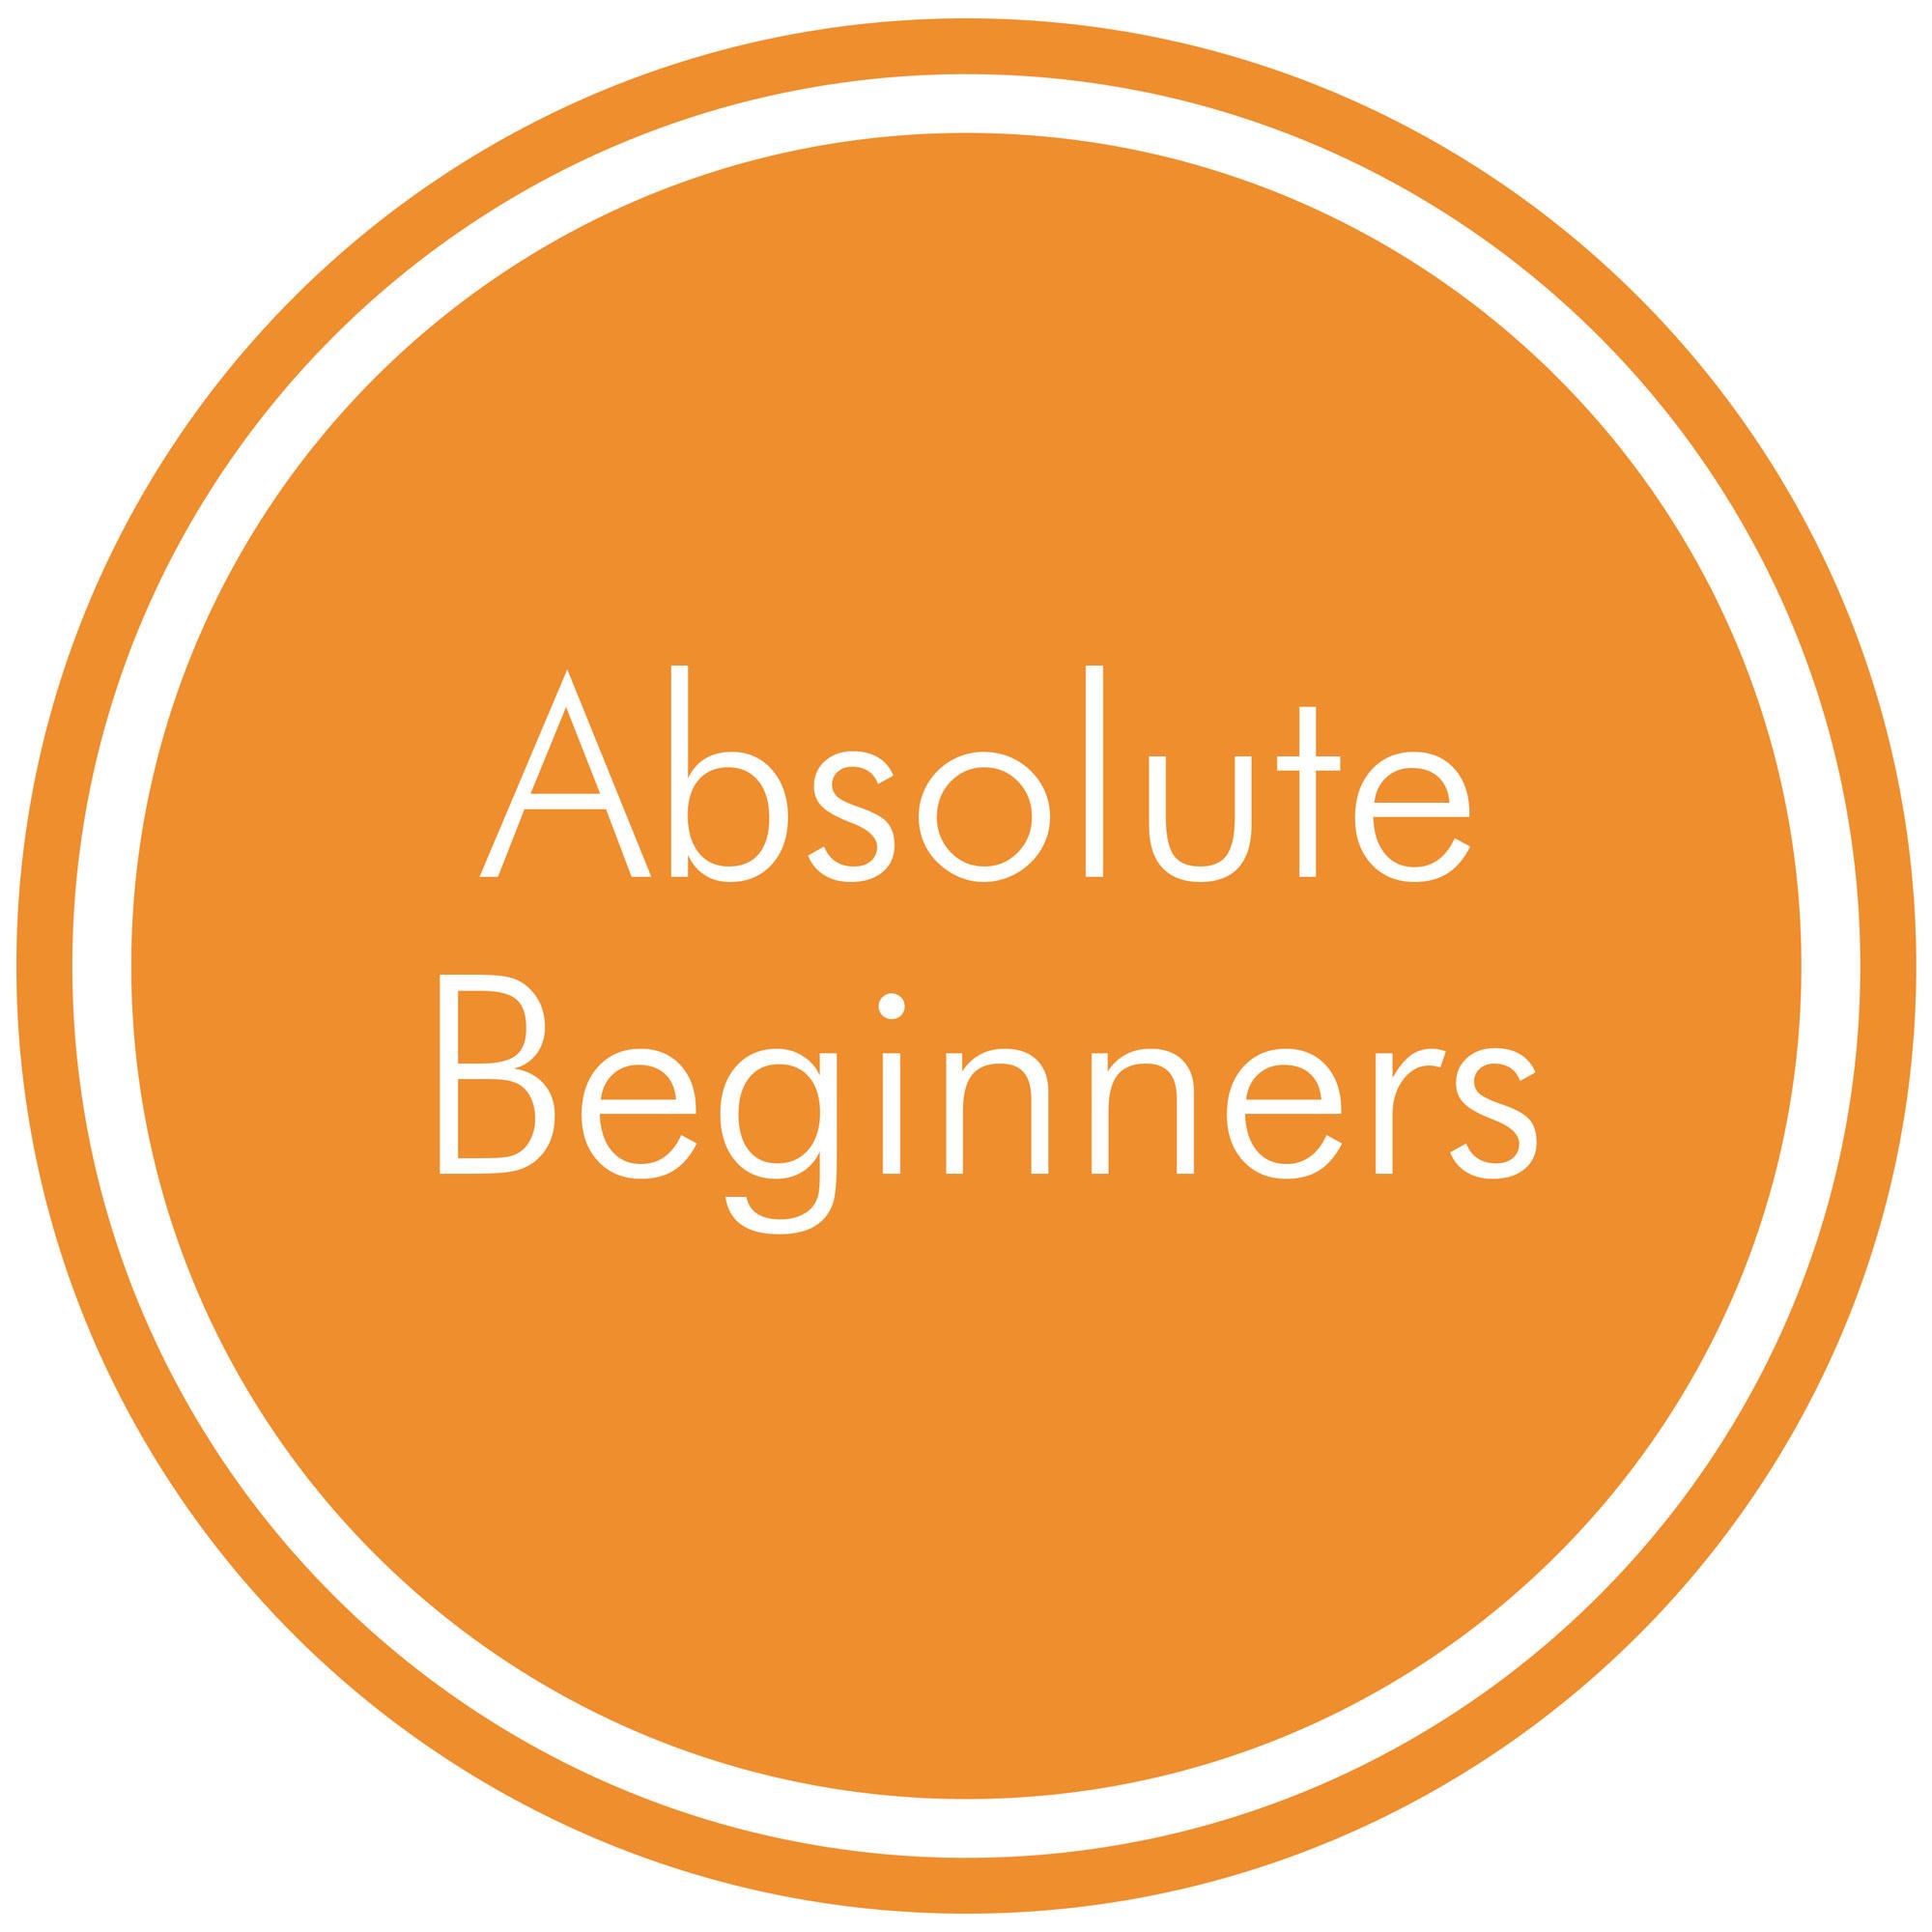 Absolute-Beginners.jpg